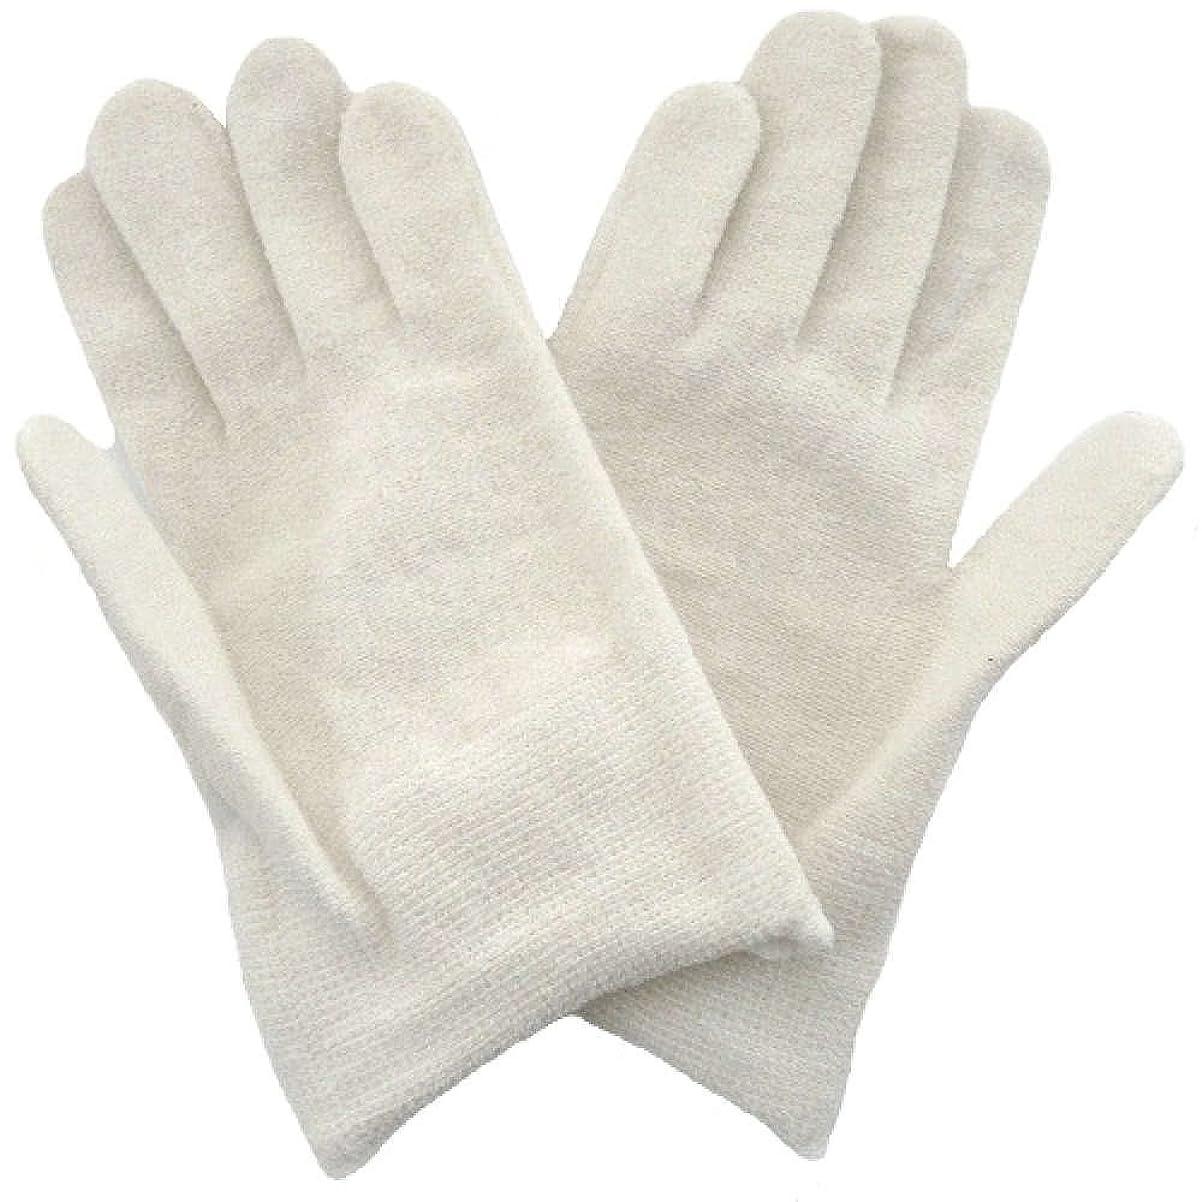 ハミングバード実業家出撃者【アトピー】【水疱瘡】【皮膚炎】 ナノミックス おやすみ手袋:キッズ用 ホワイト